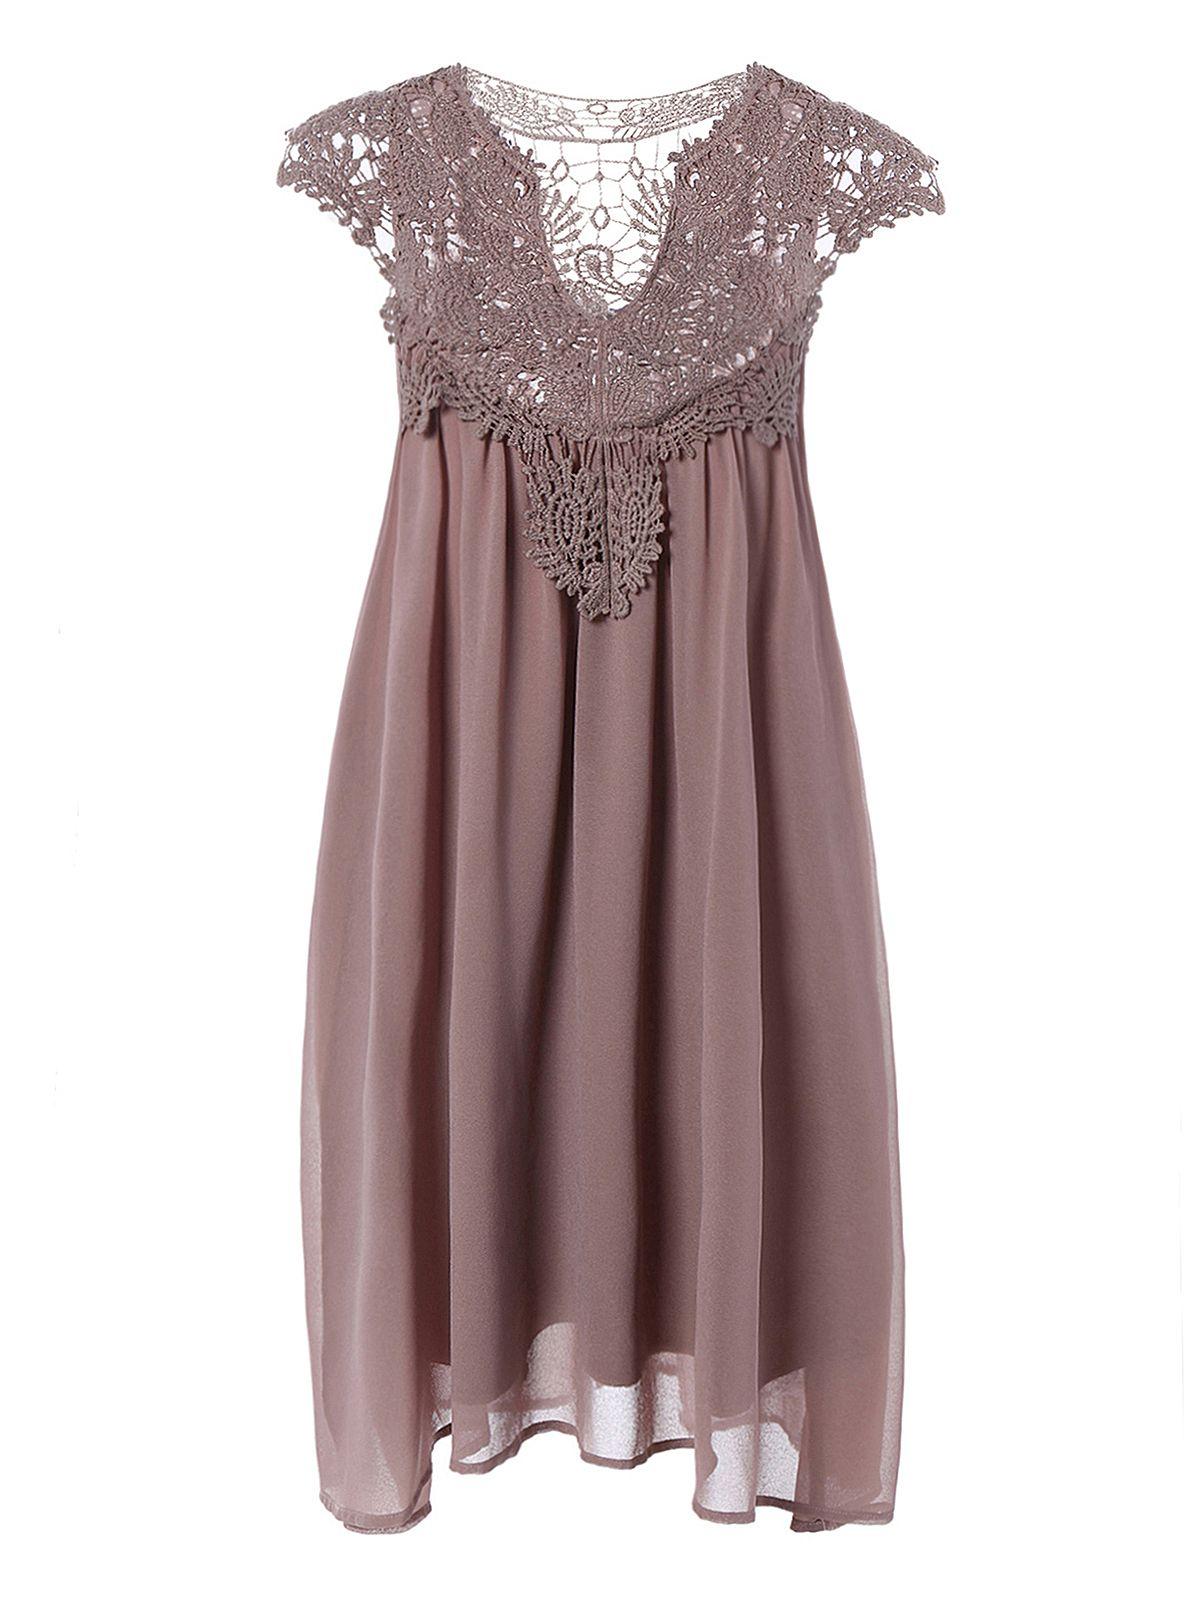 Crochet Panel Short Plus Size Shift Babydoll Dress Lace Chiffon